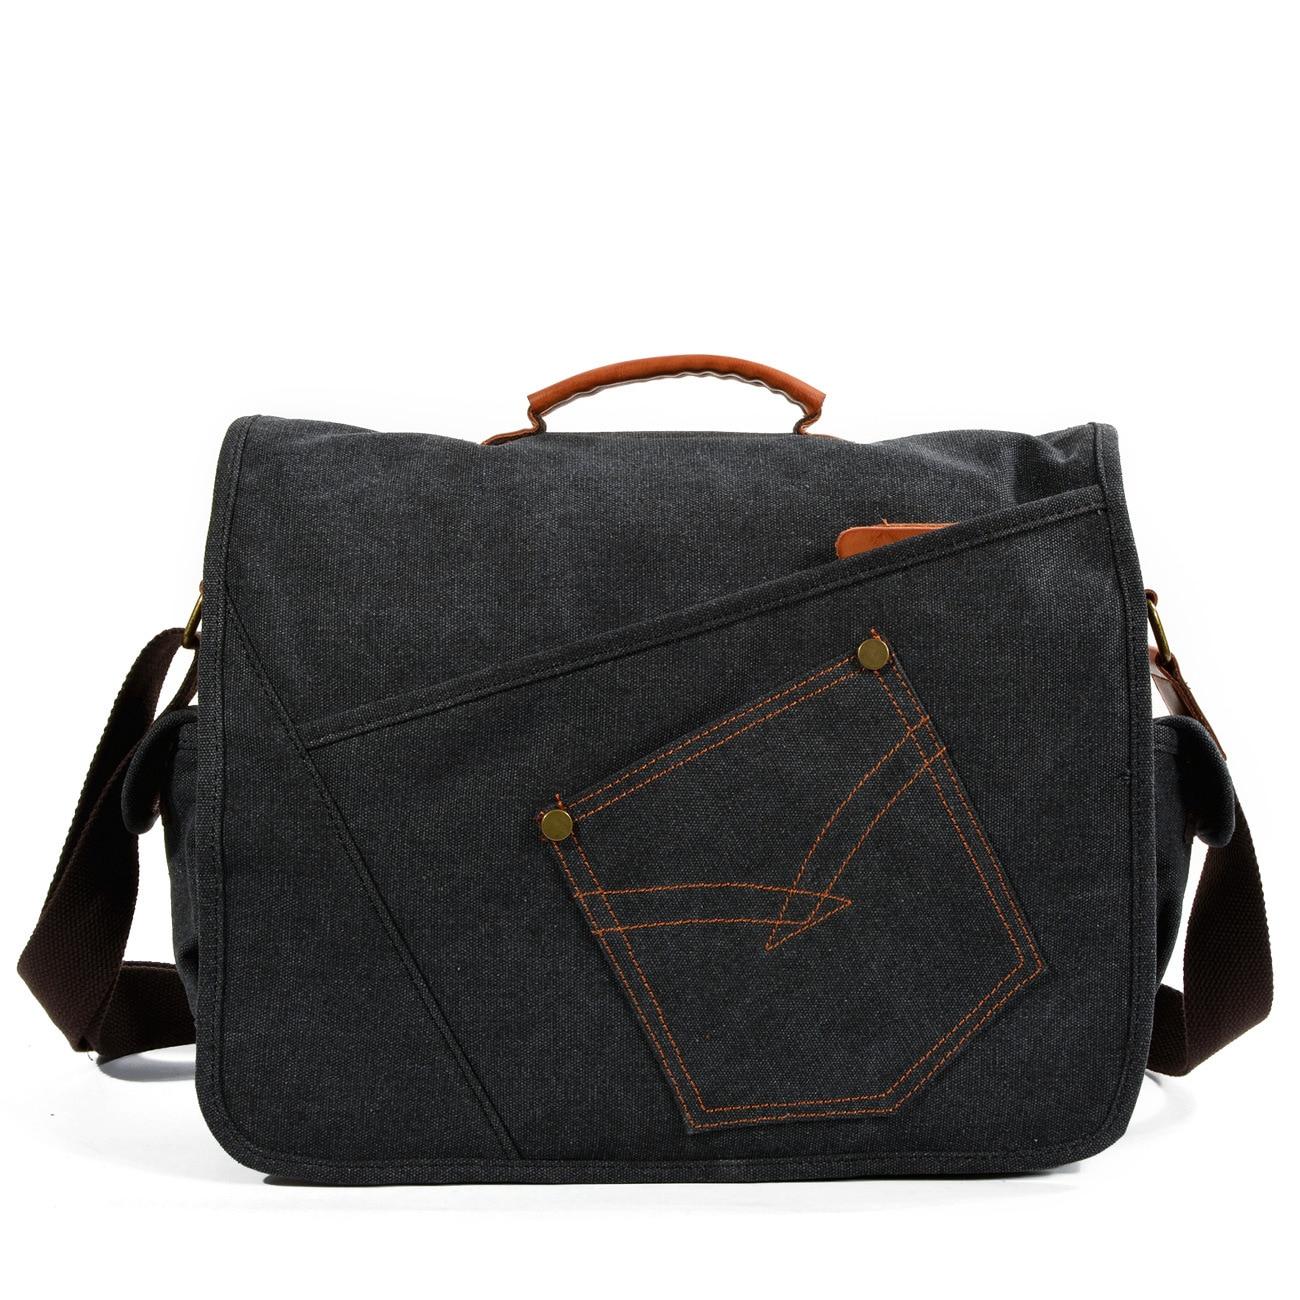 Sac à bandoulière décontracté en toile multi-fonctionnelle pour hommes sac à bandoulière rétro résistant à l'usure pour tablette PC sac de grande capacité